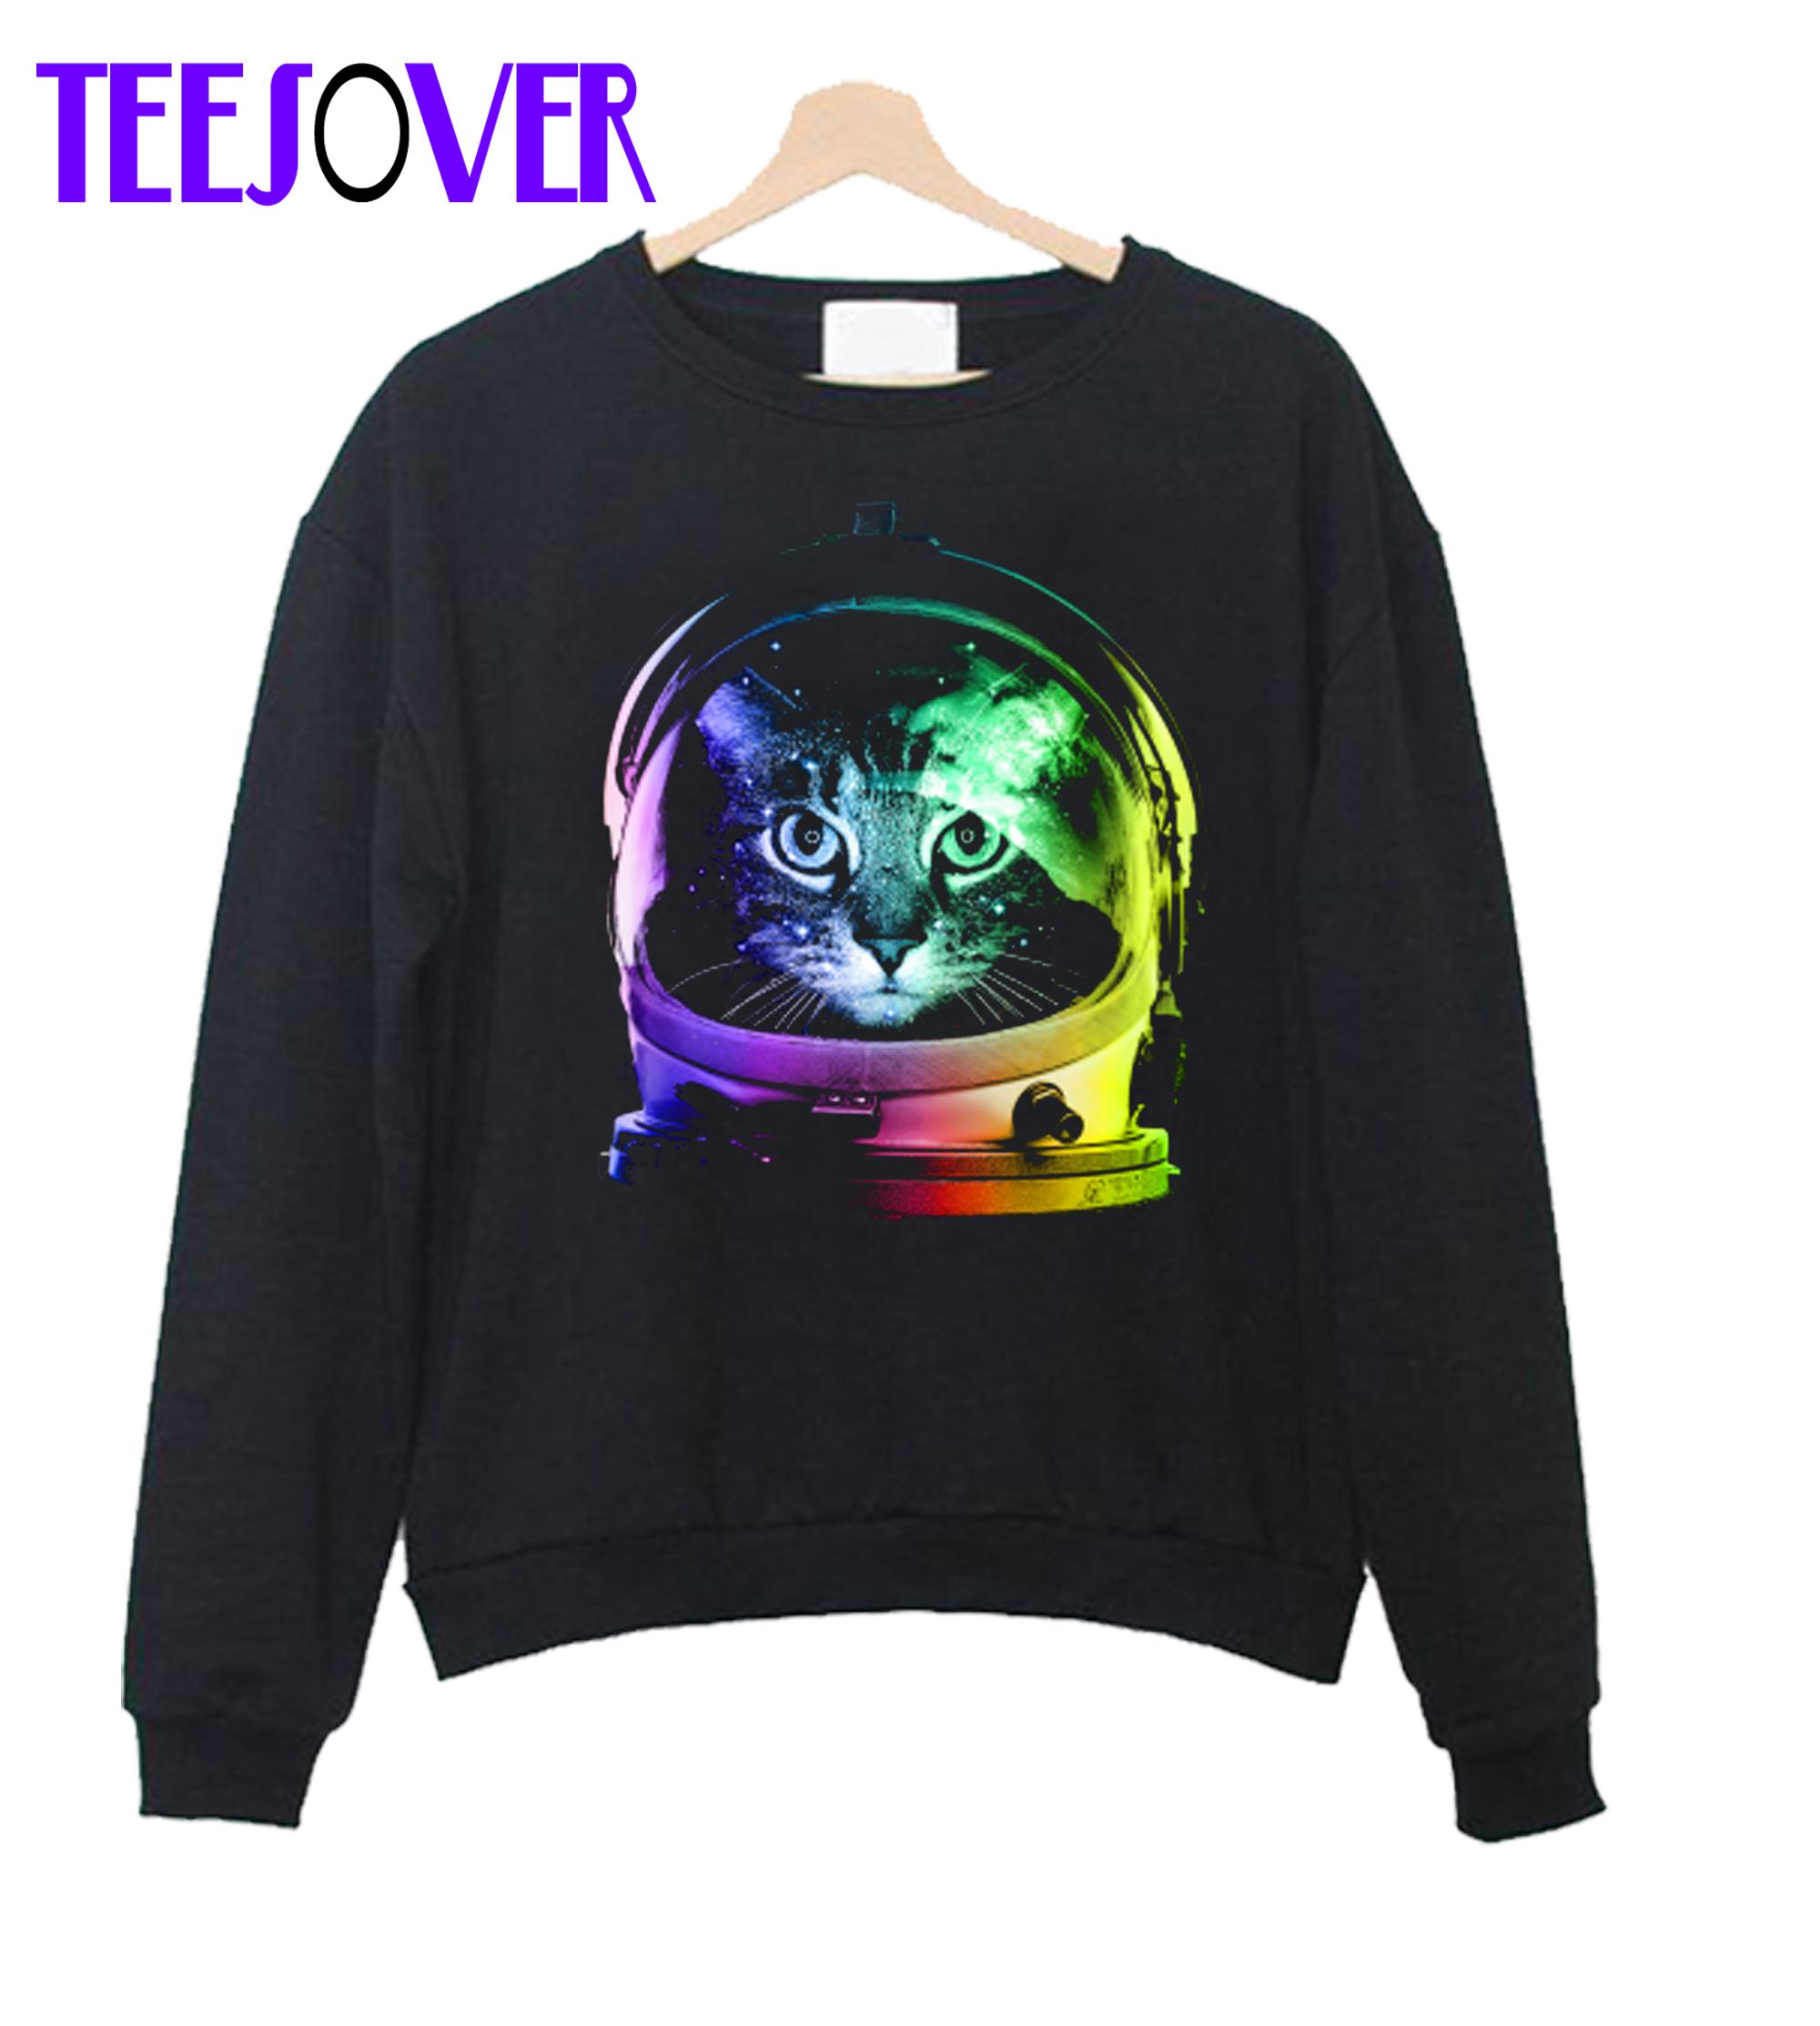 Space cat Crewneck Sweatshirt